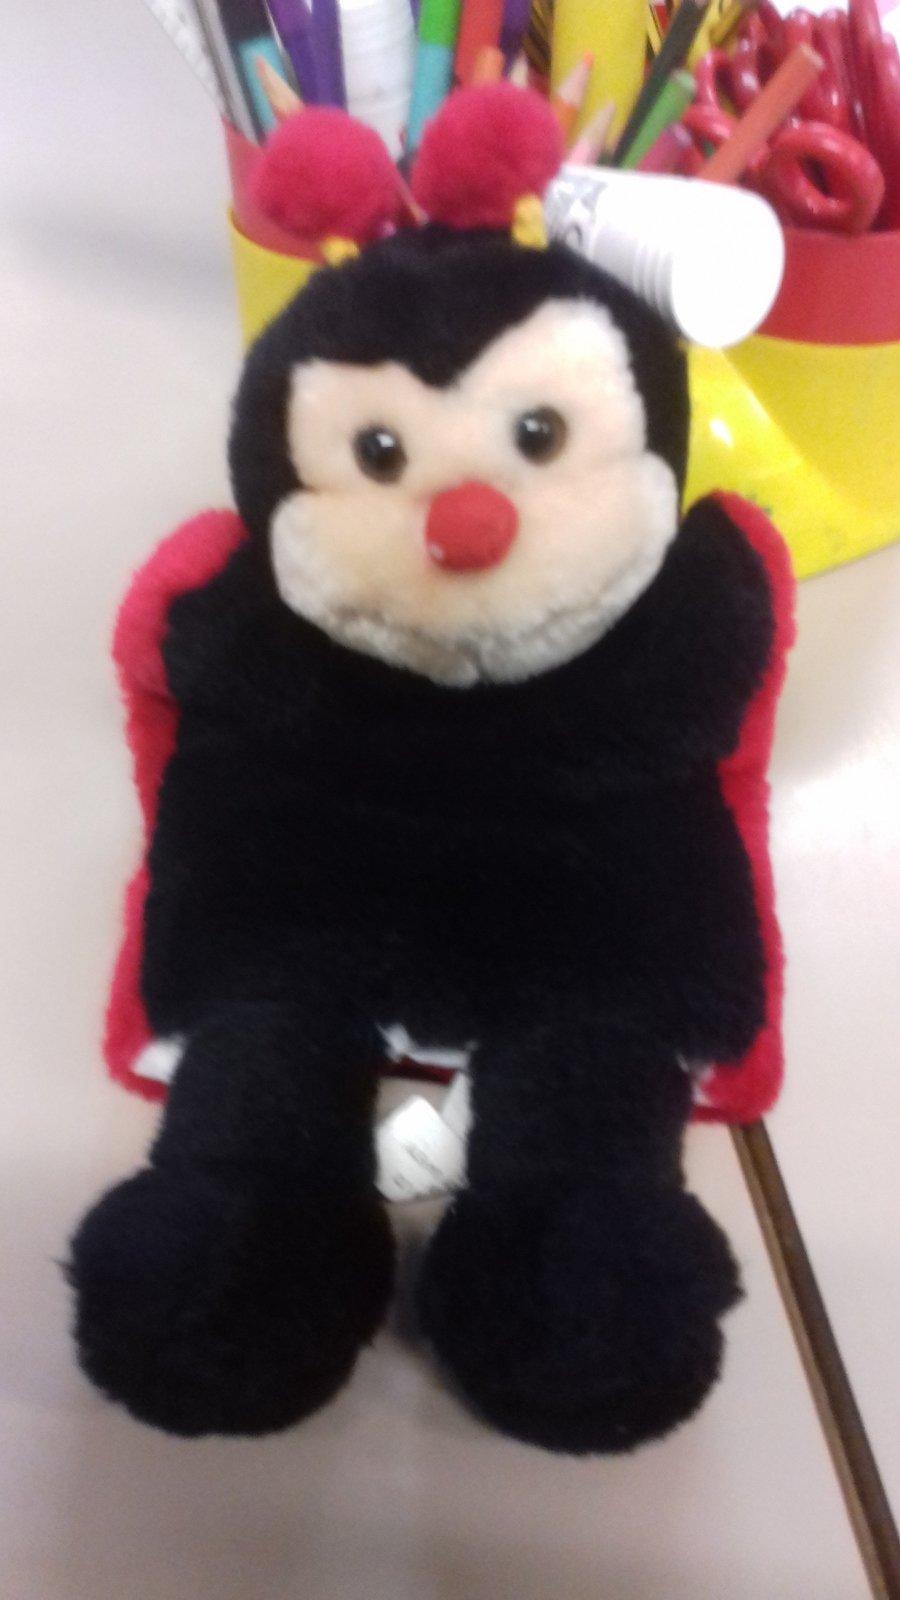 Class 6's Mascot, Spot